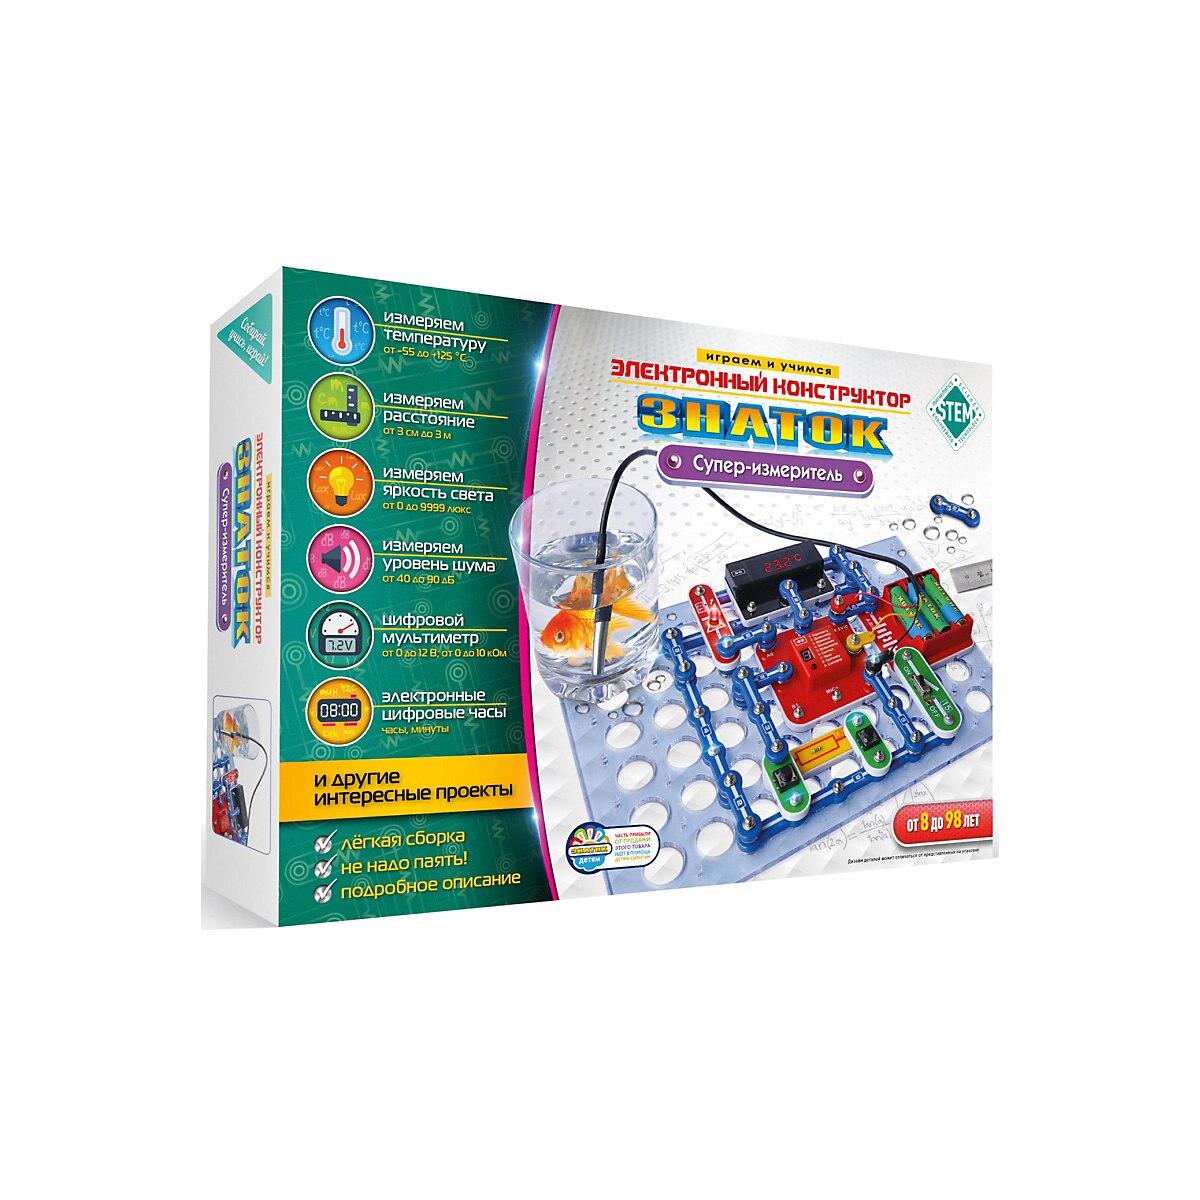 Znatok Robots Accessories1 8646869 juguete inteligente para niños niño niña juego electrónico juguetes niños niñas modelo prefabricado MTpromo